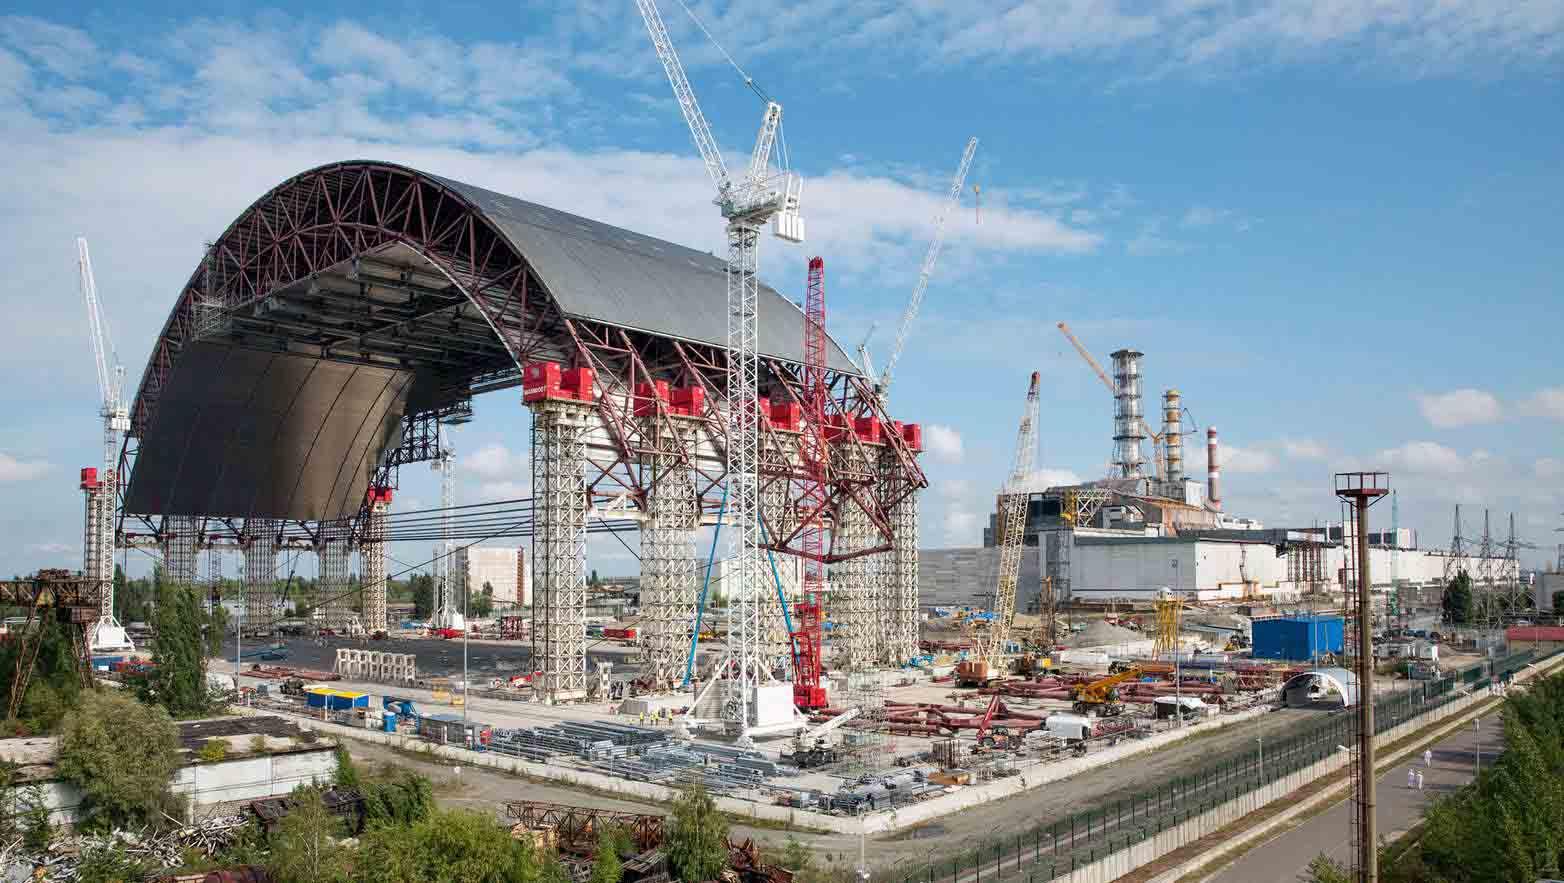 El domo destinado a evitar radiaciones nucleares será inaugurado a finales del próximo mes de noviembre